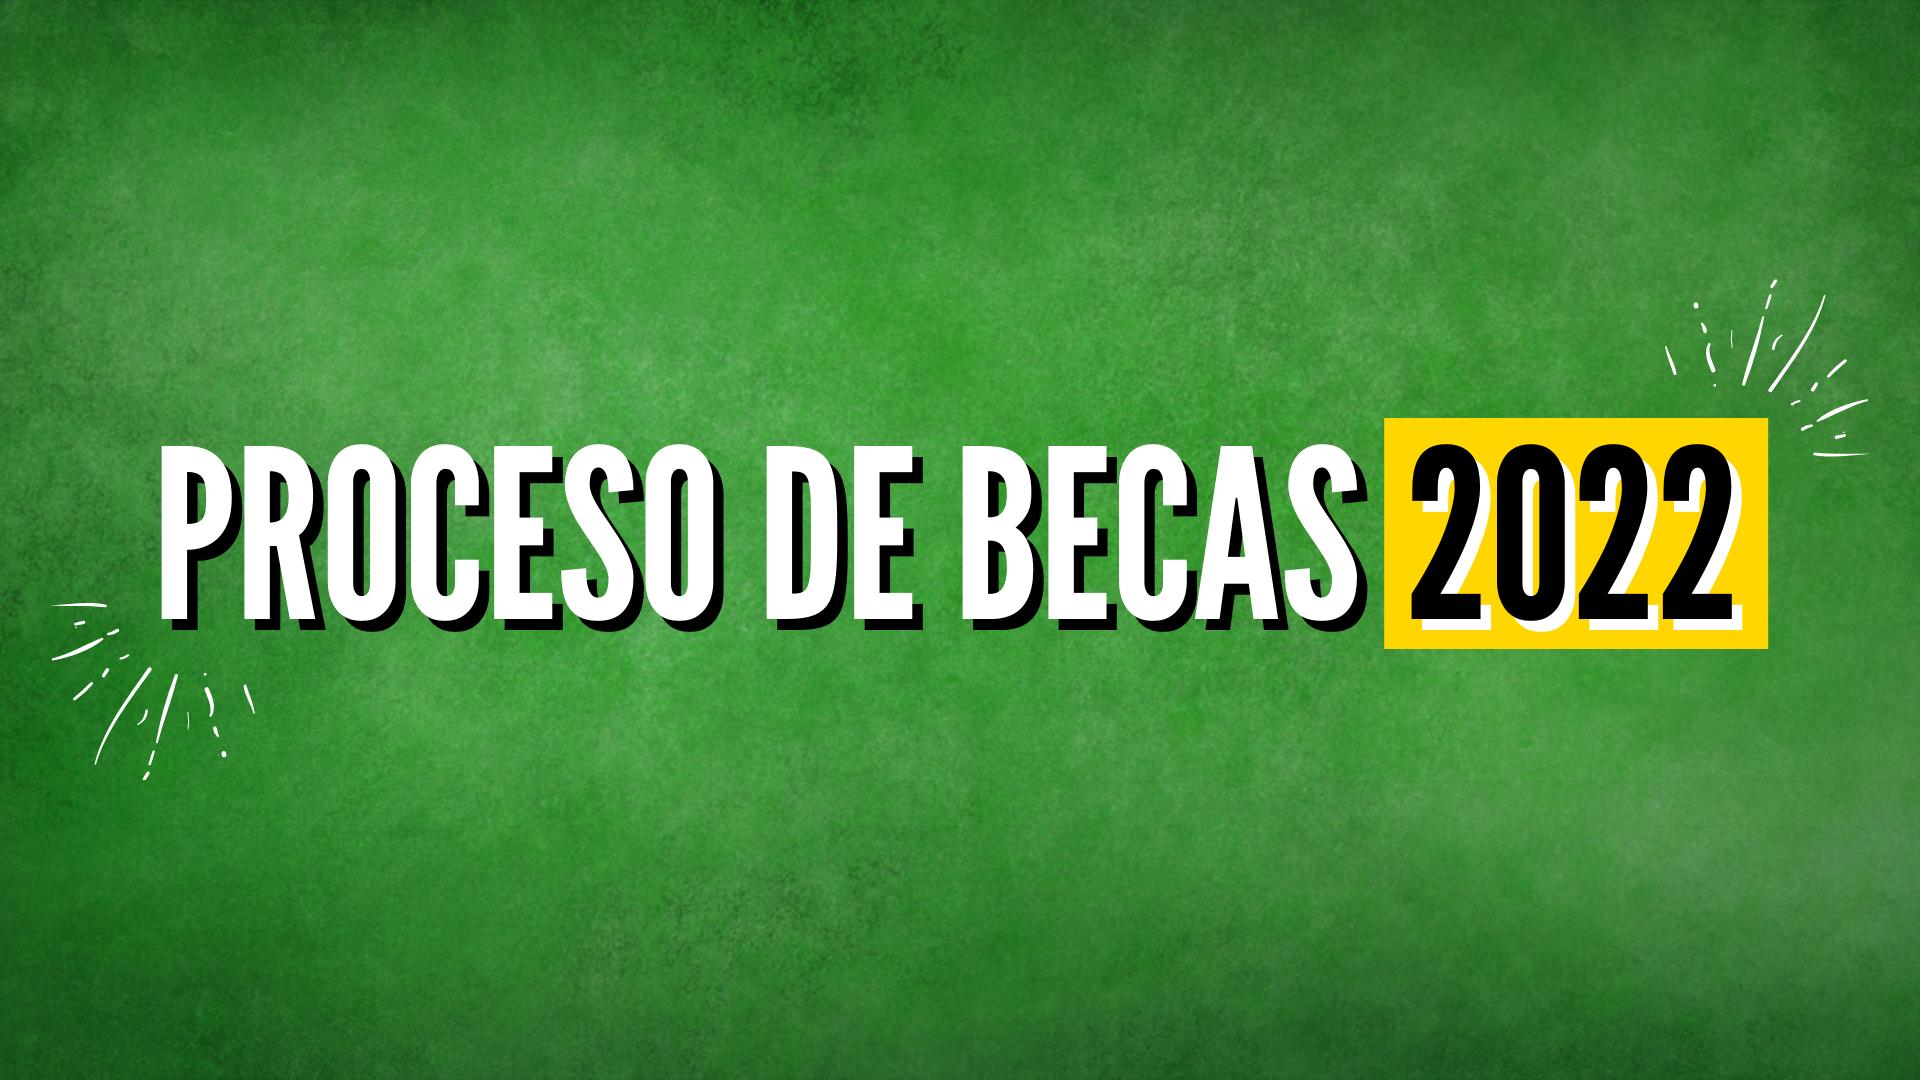 PROCESO DE BECAS 2022